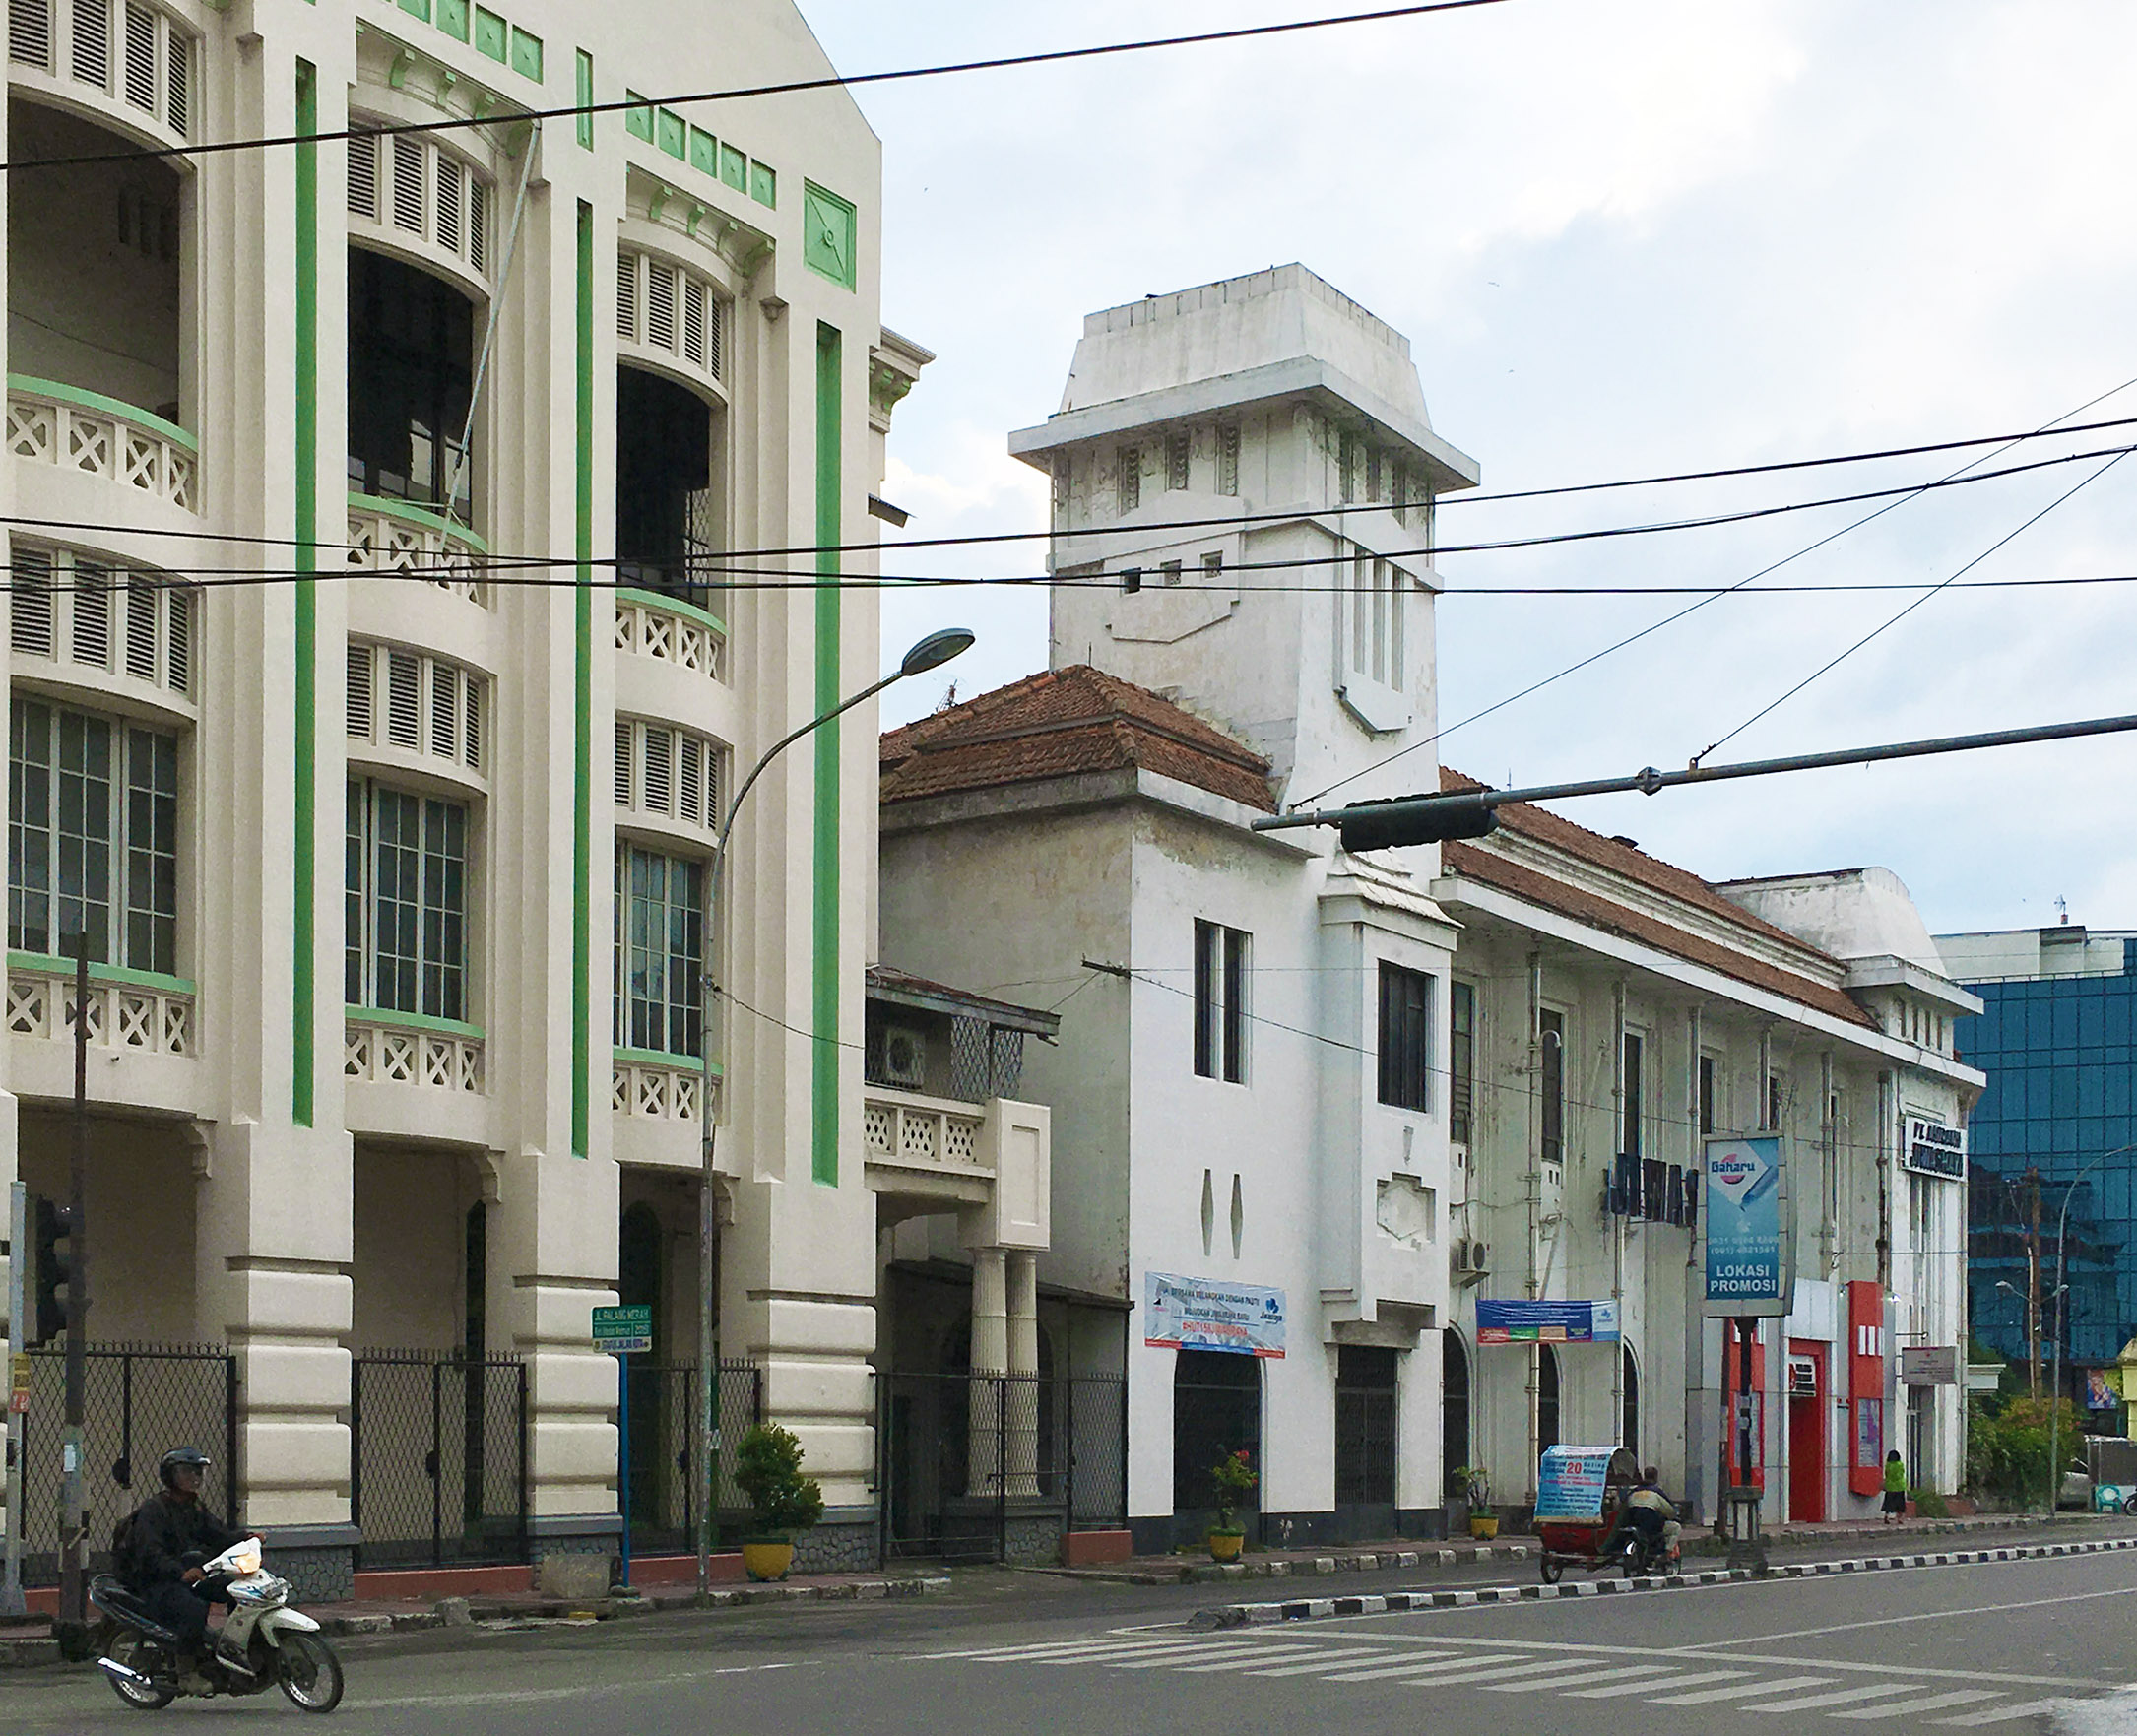 Beberapa Bangunan lama di Jalan Palang Merah